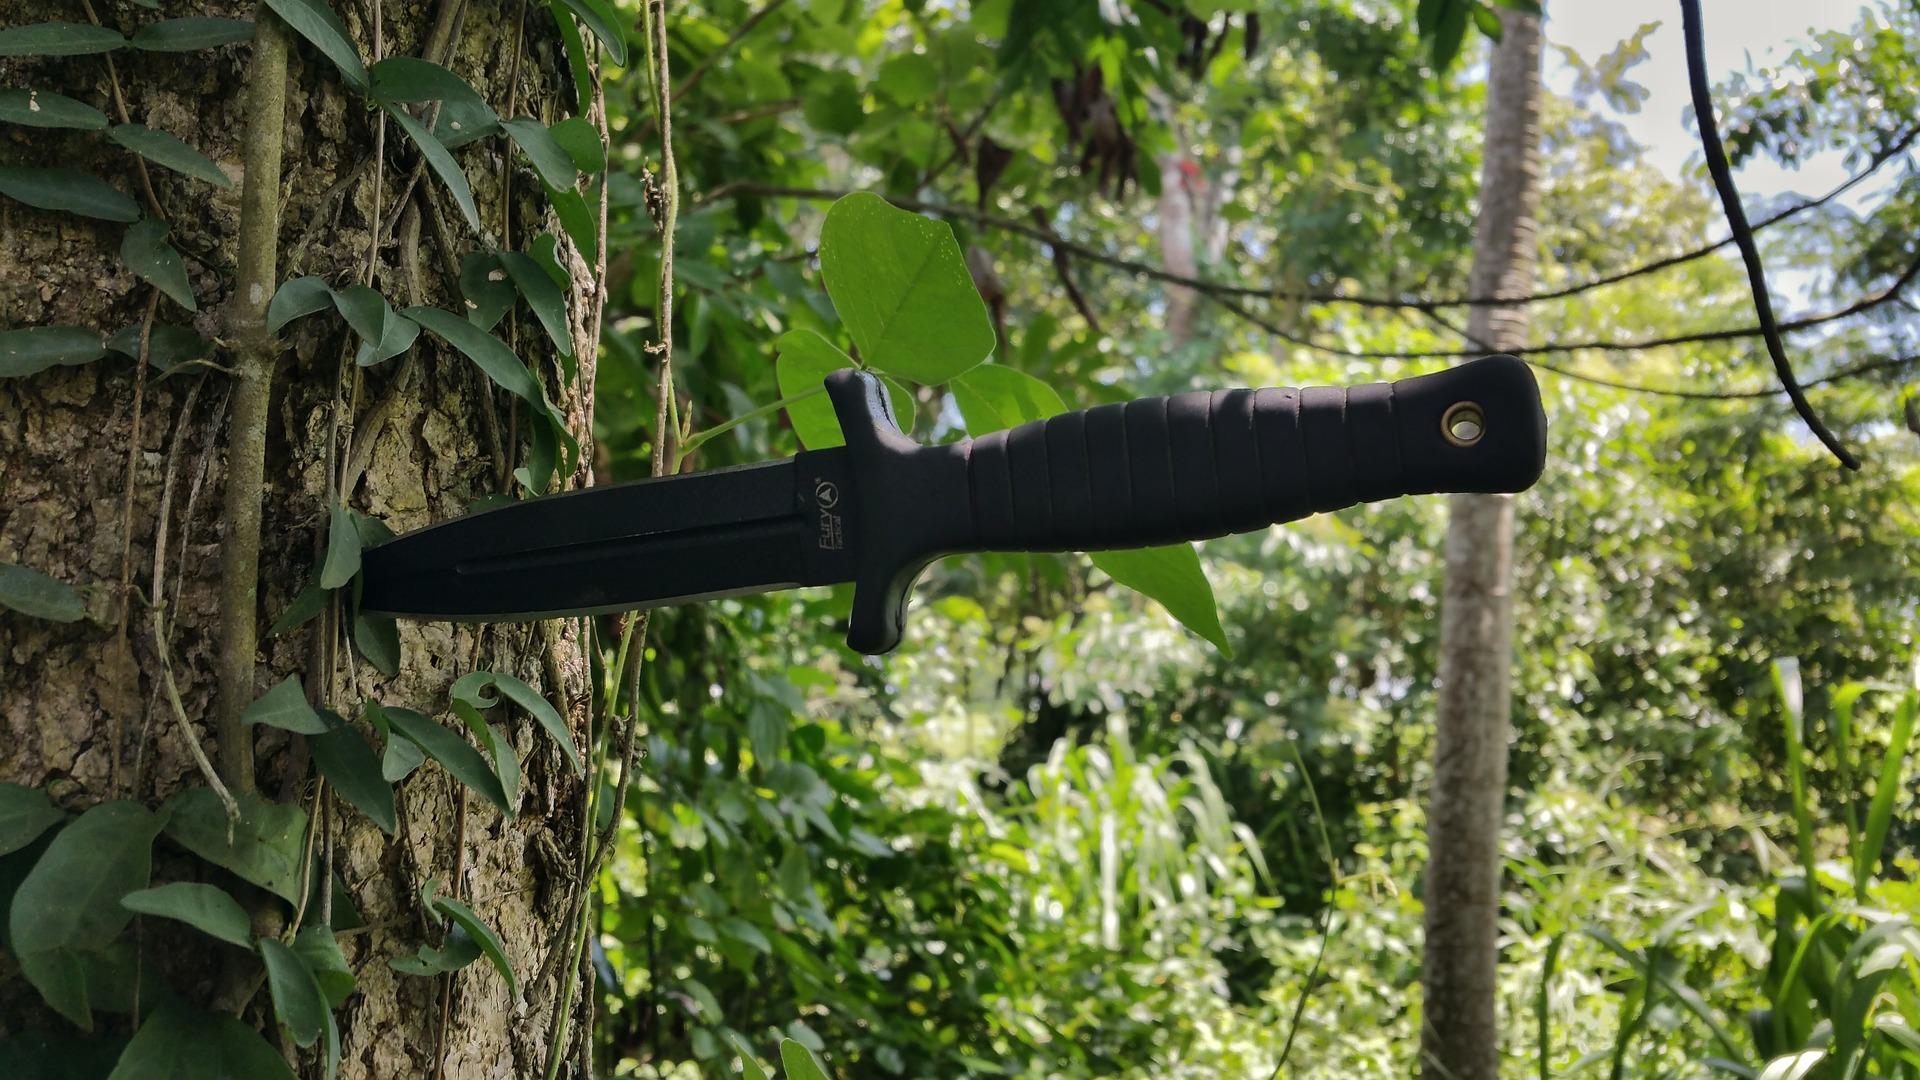 boot-knife-2715686_1920.jpg